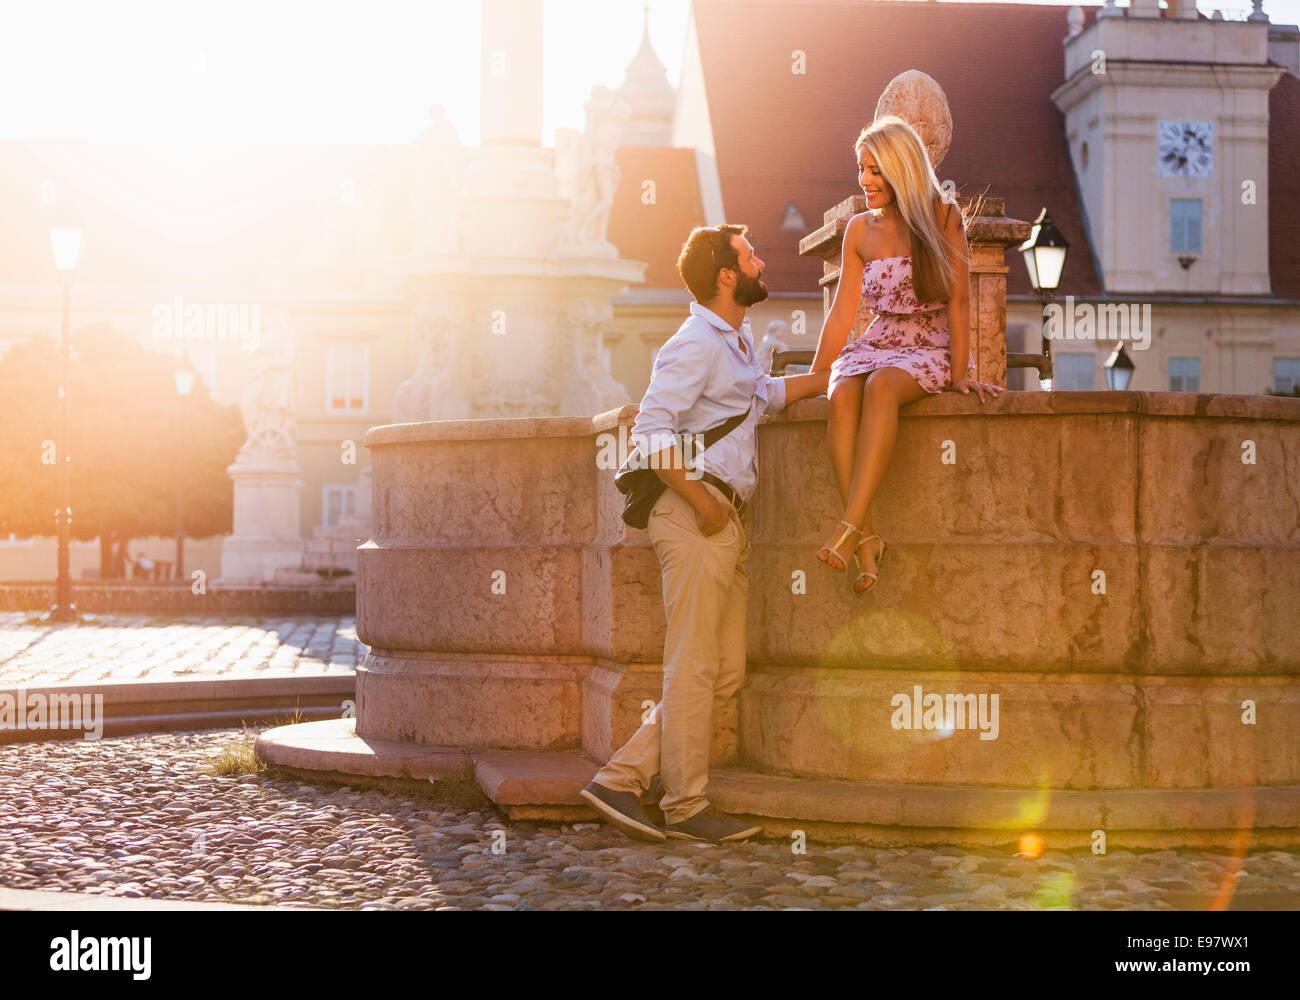 Pareja joven dating y el coqueteo por fuente en la ciudad Imagen De Stock